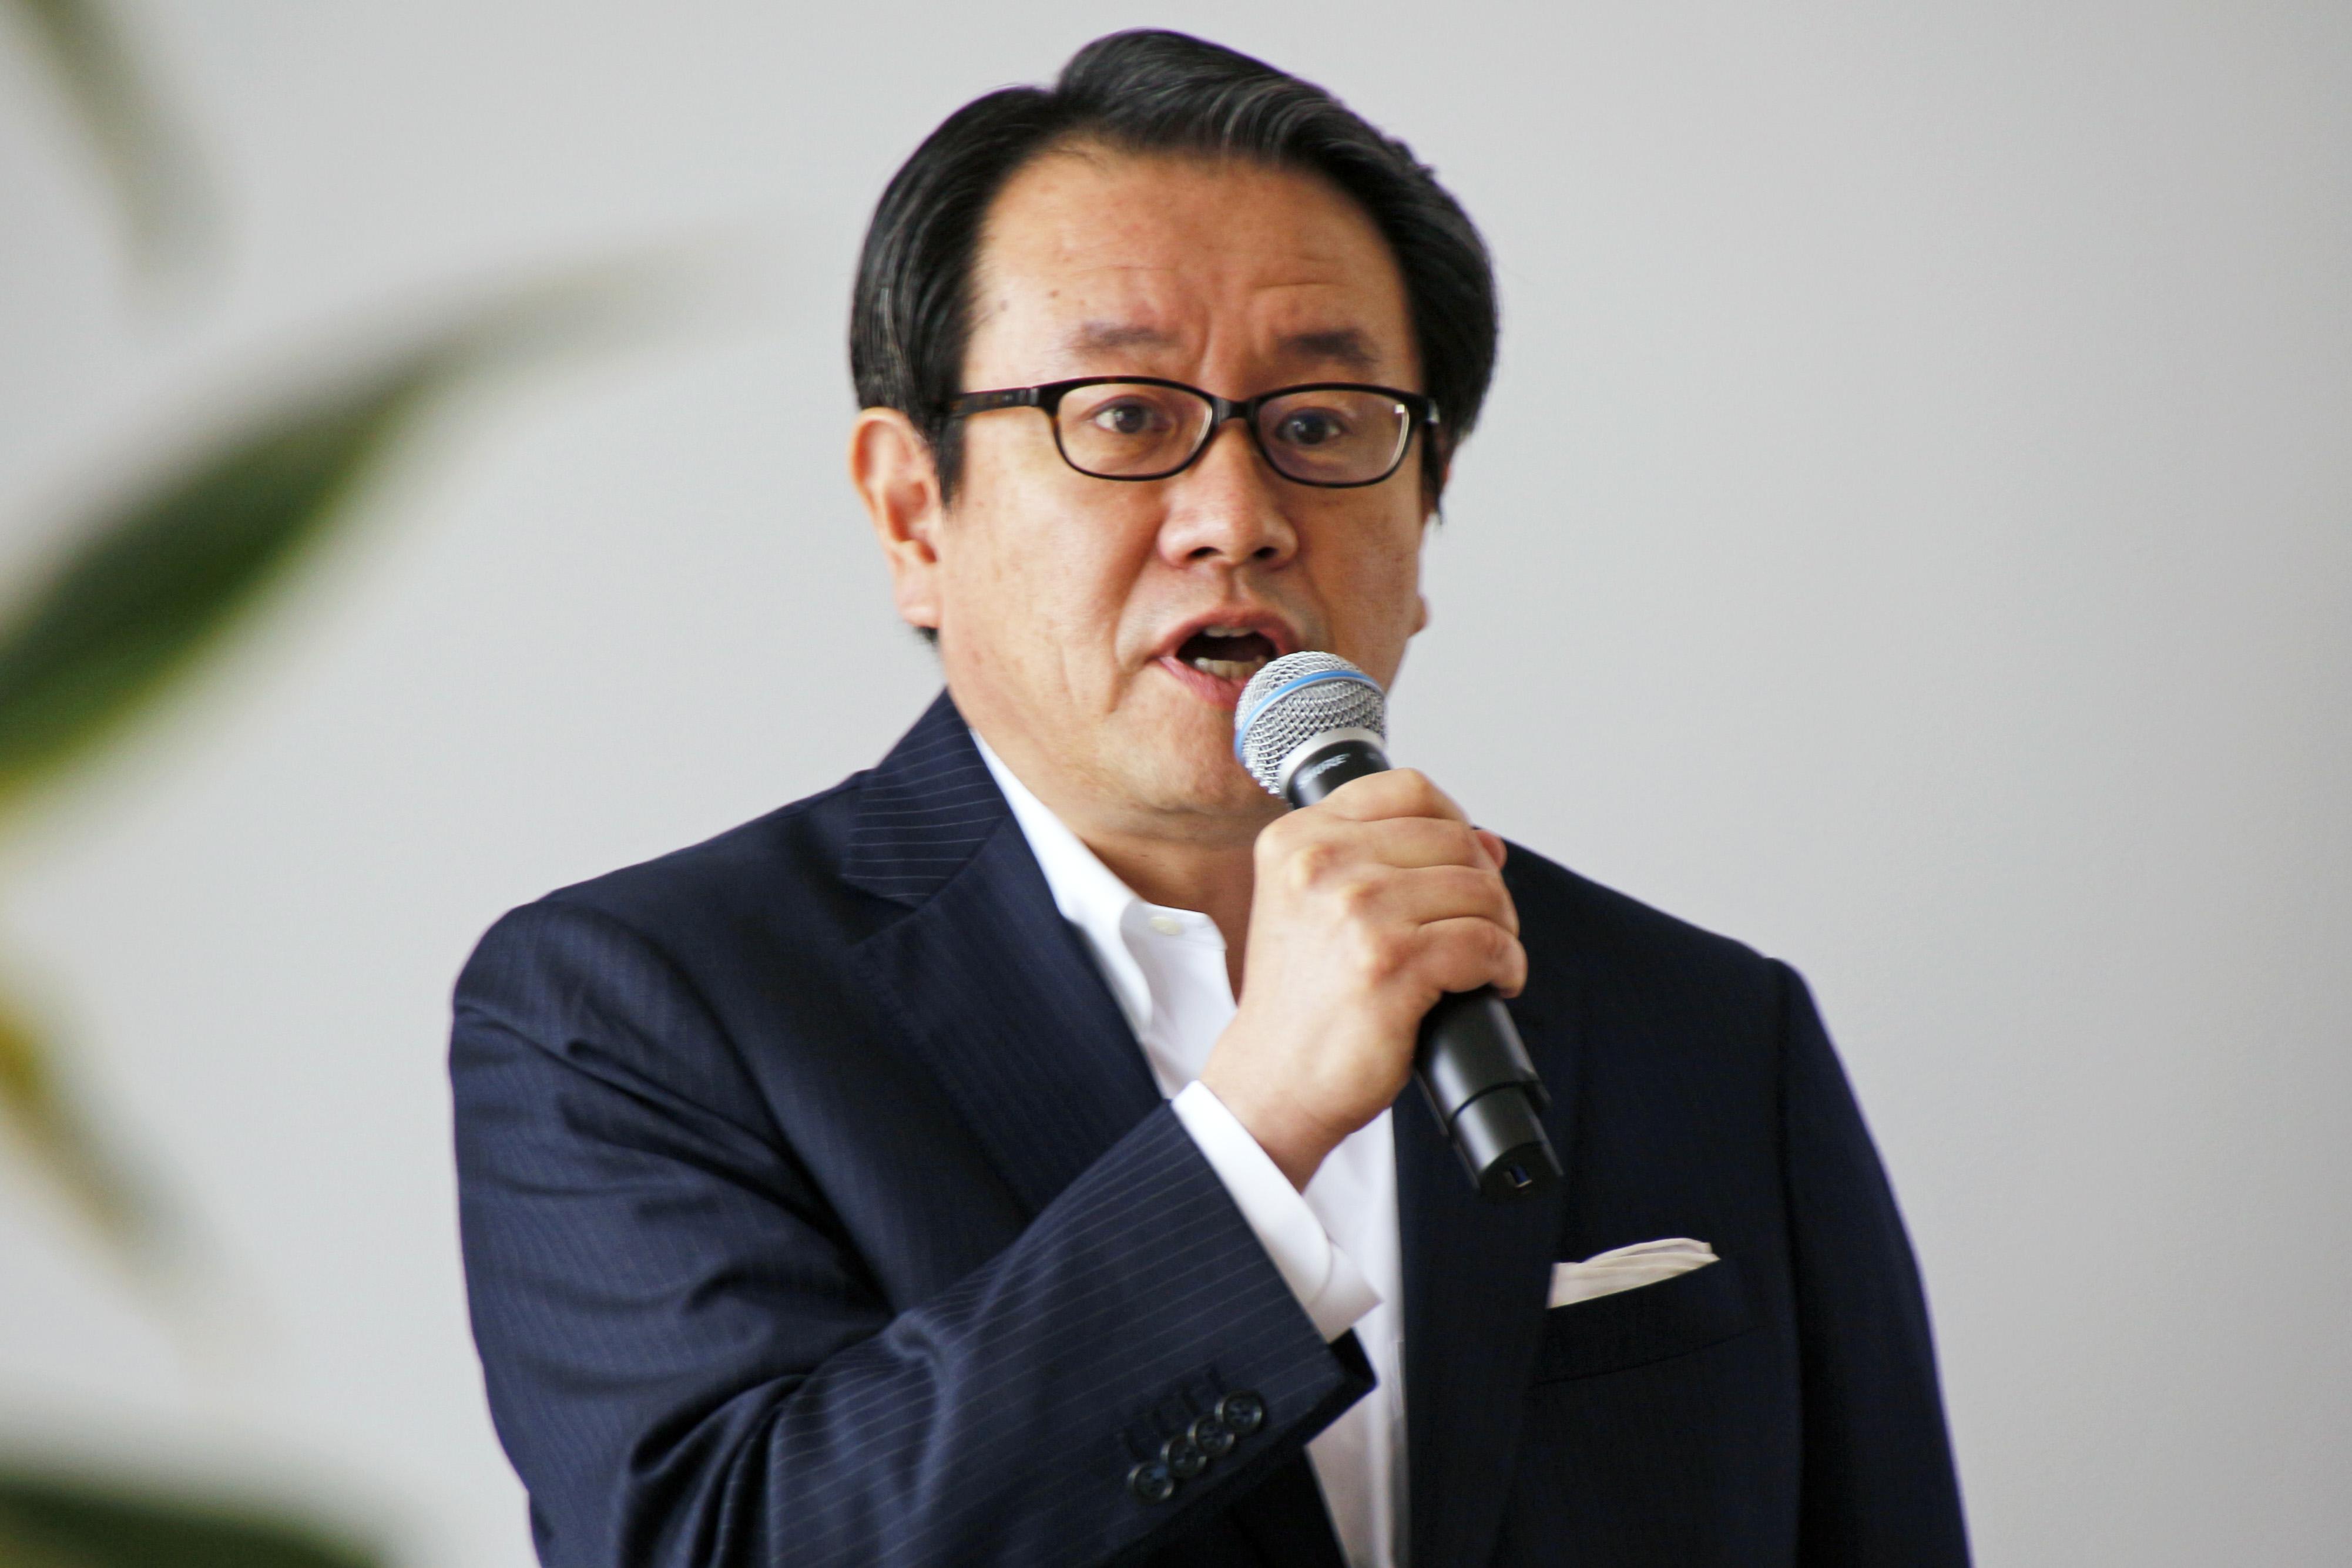 株式会社ジェーシービー常務執行役員の今田公久氏